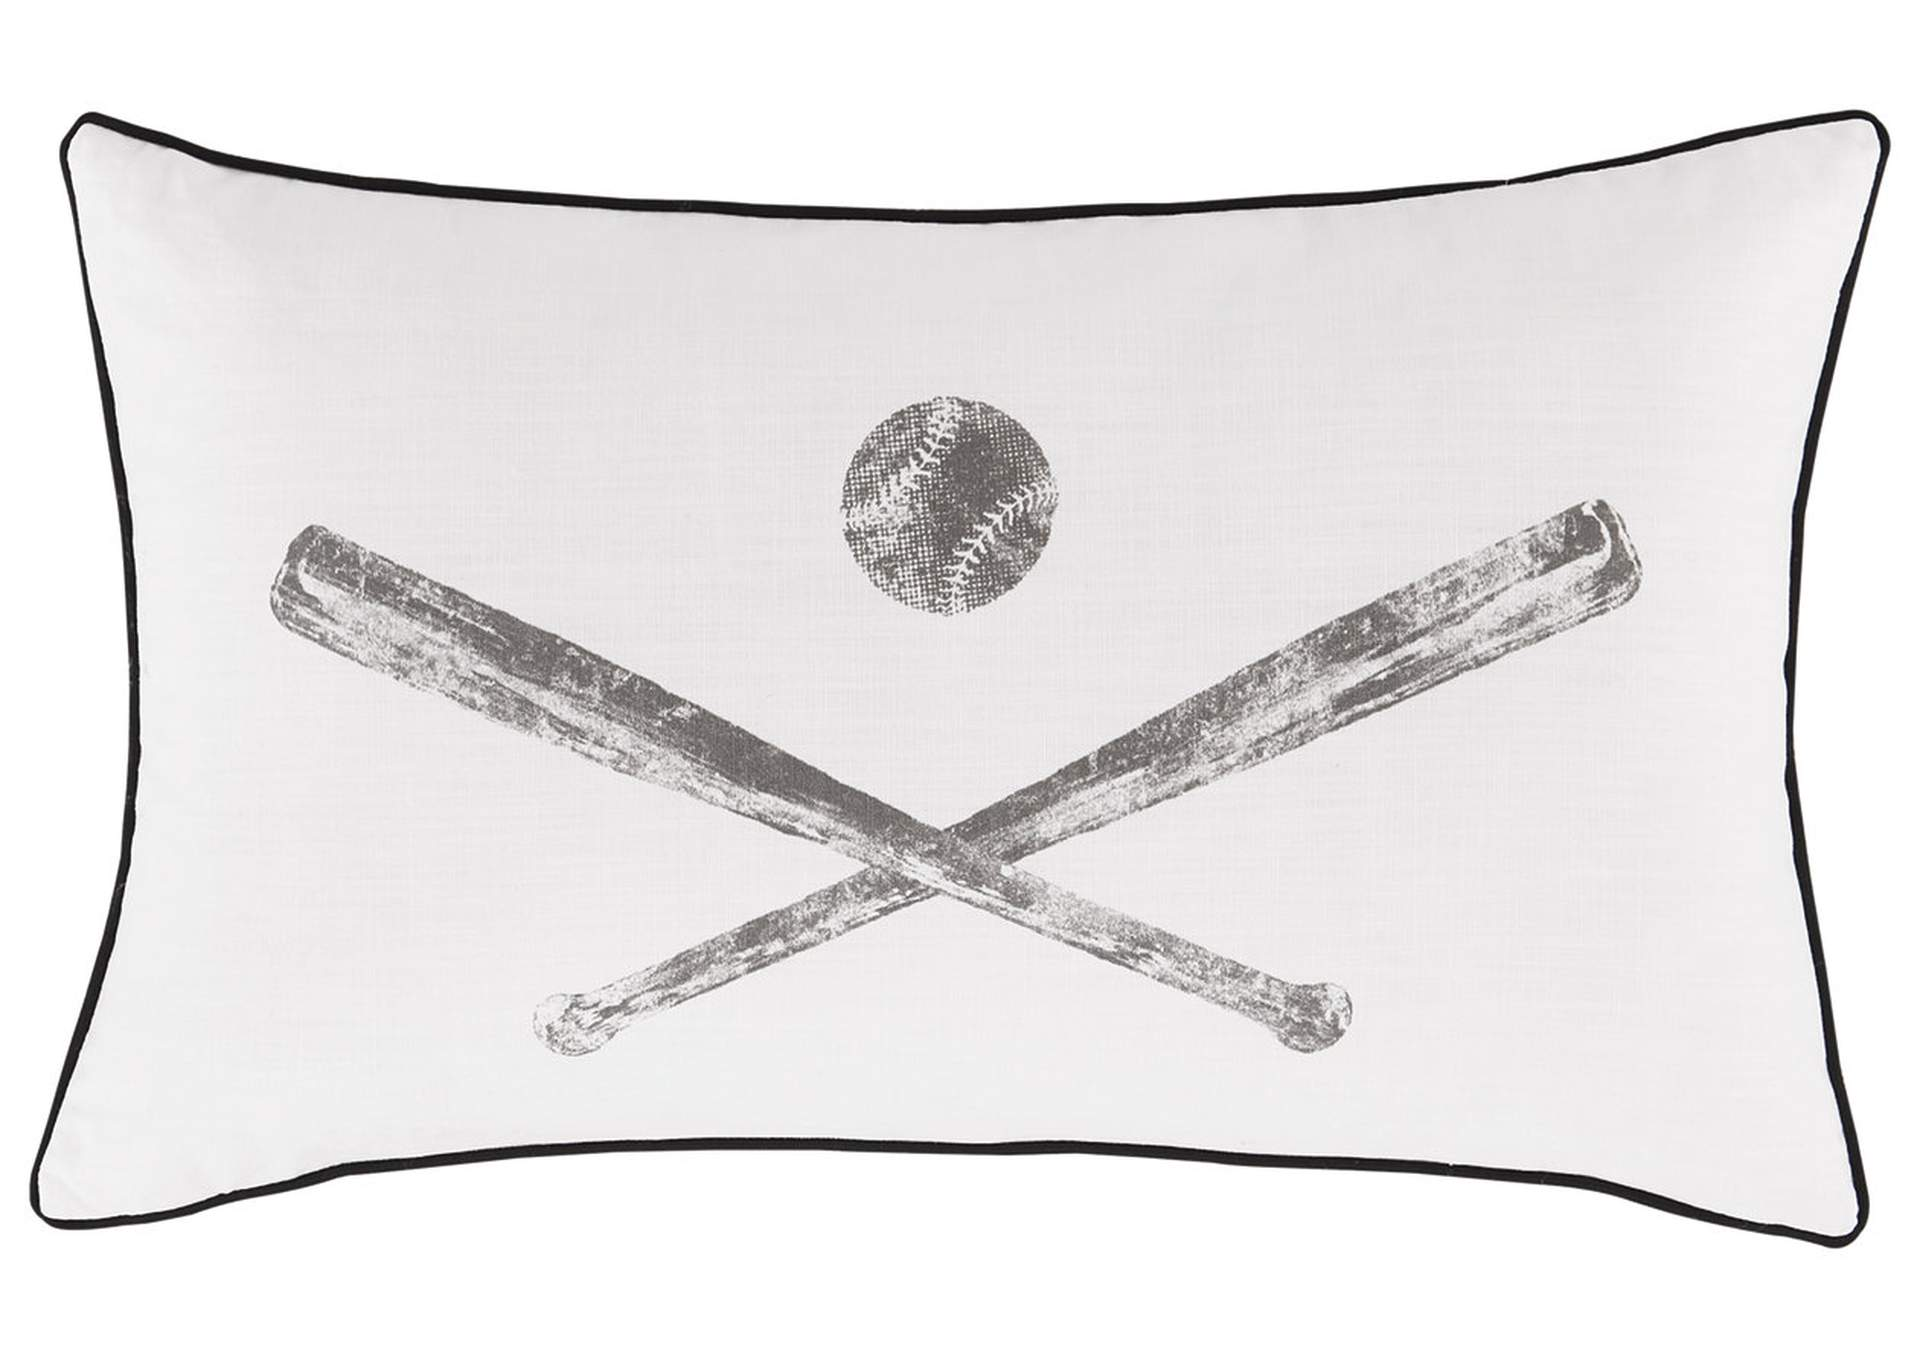 Waman Baseball Design Pillow   PEDIDO ESPECIAL